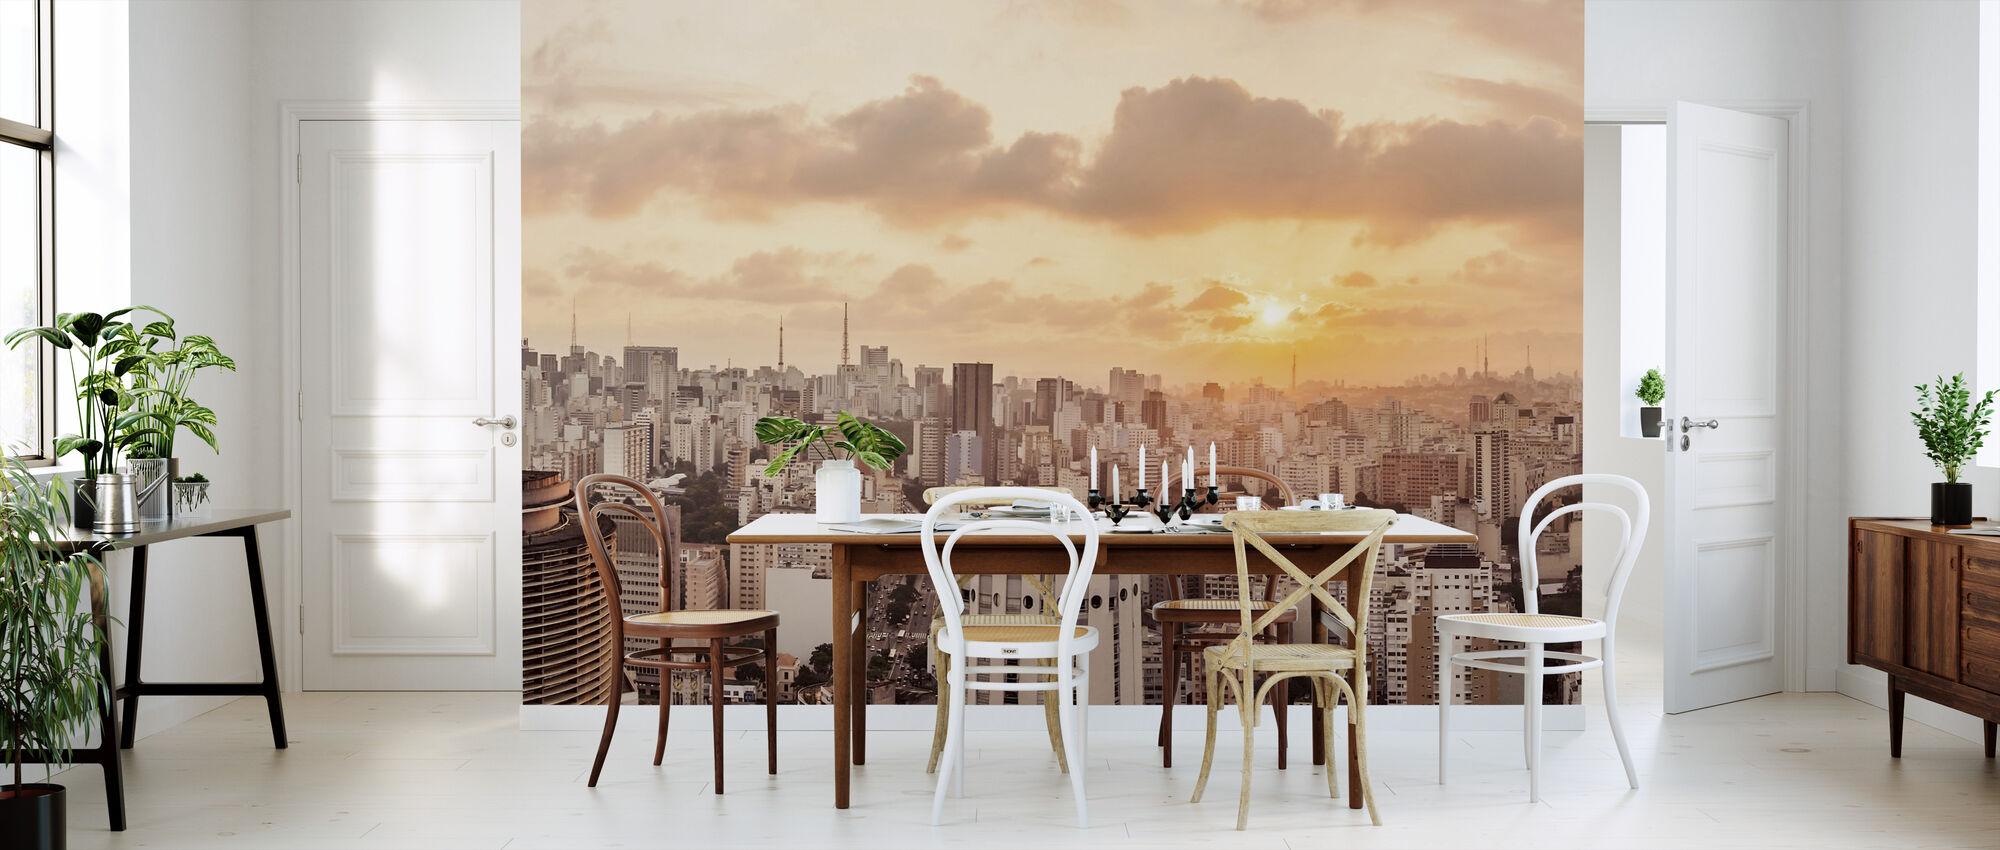 Sao Paulo Sunset - Tapet - Kjøkken